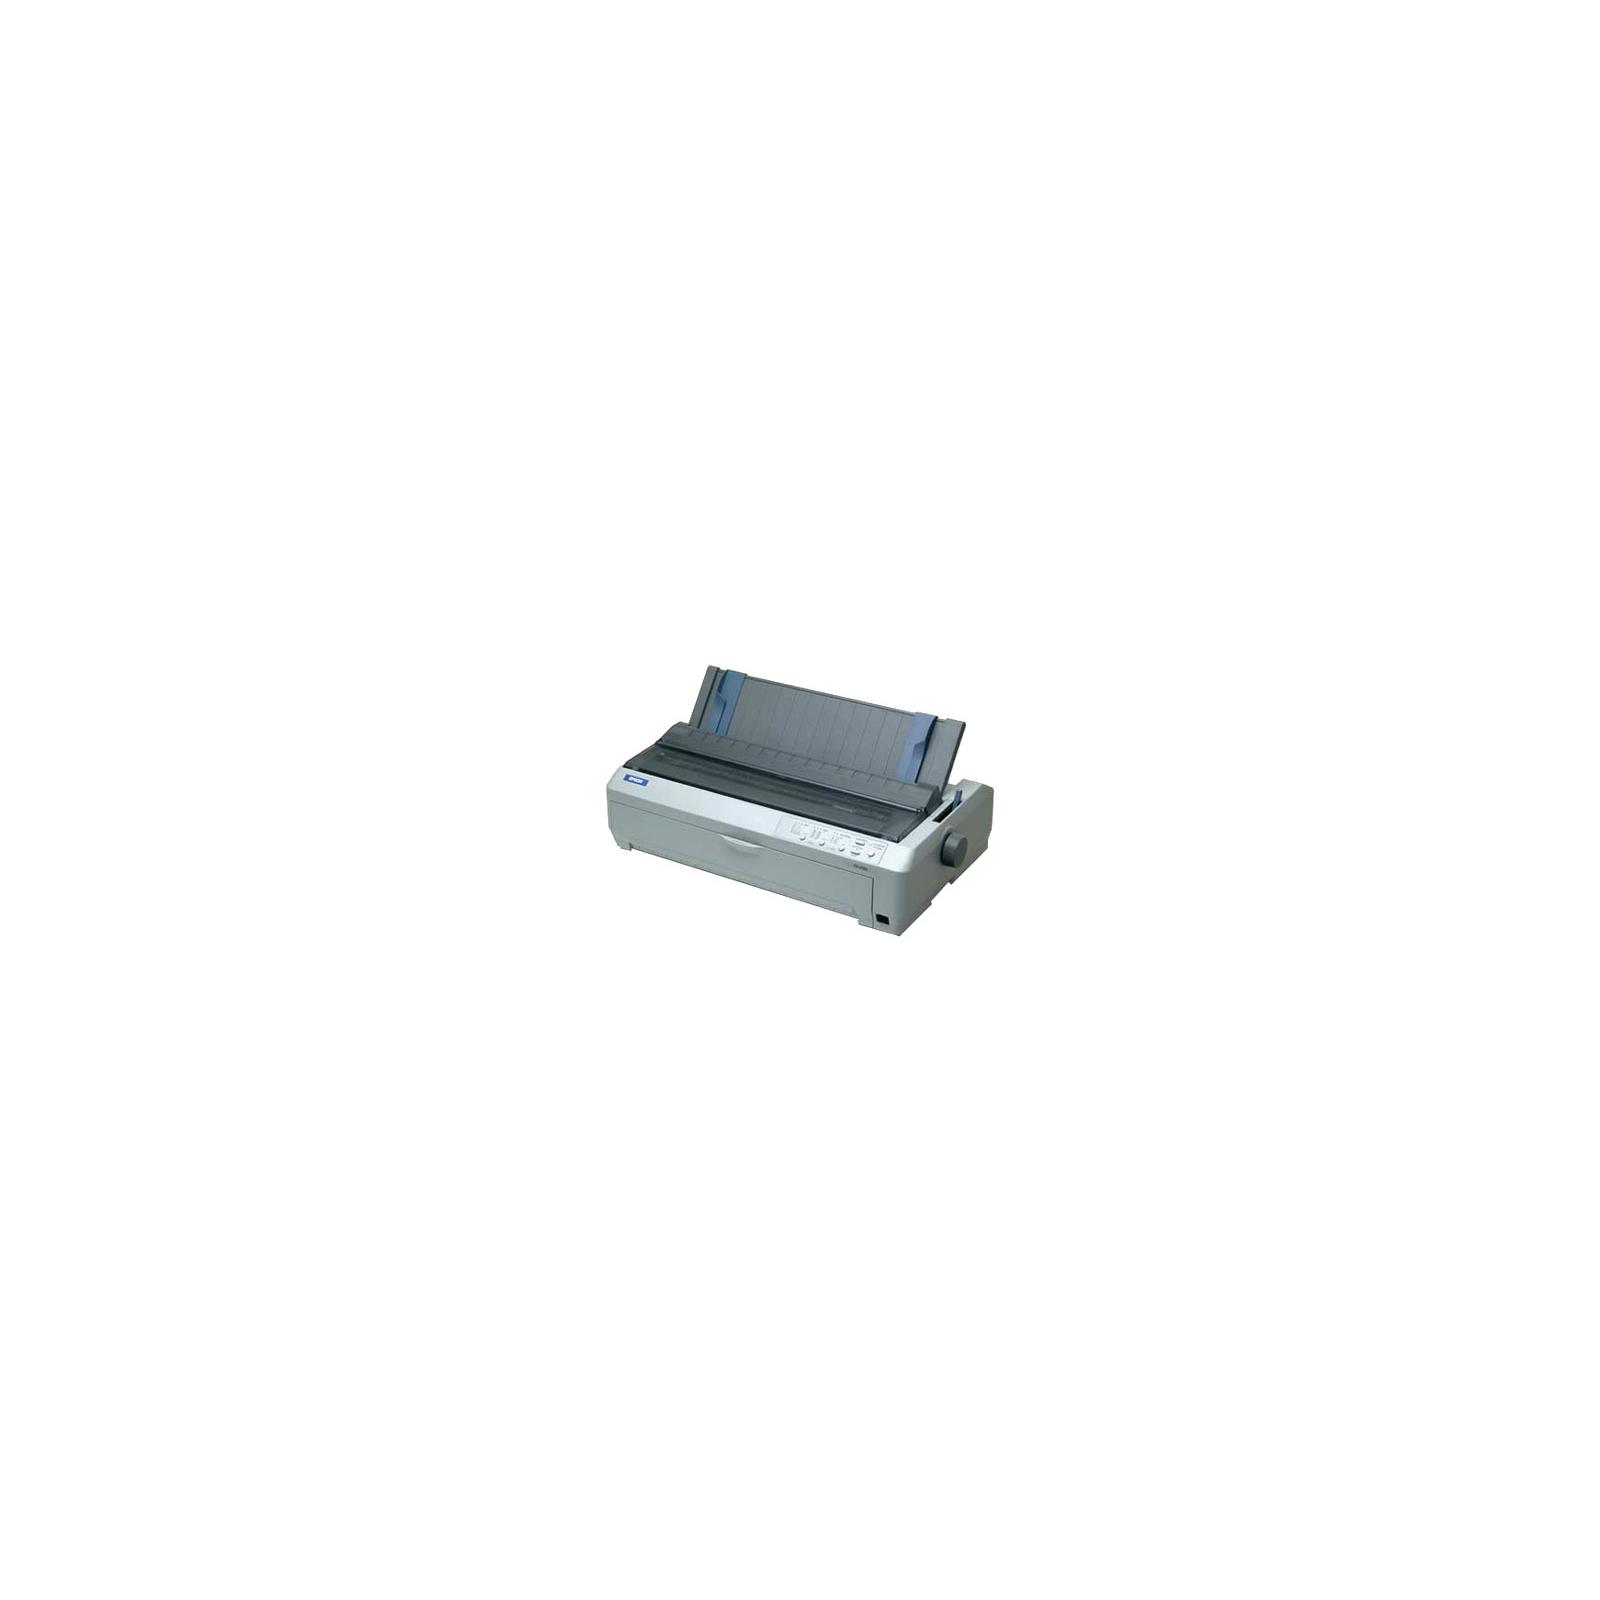 Матричный принтер FX 2190II Epson (C11CF38401)